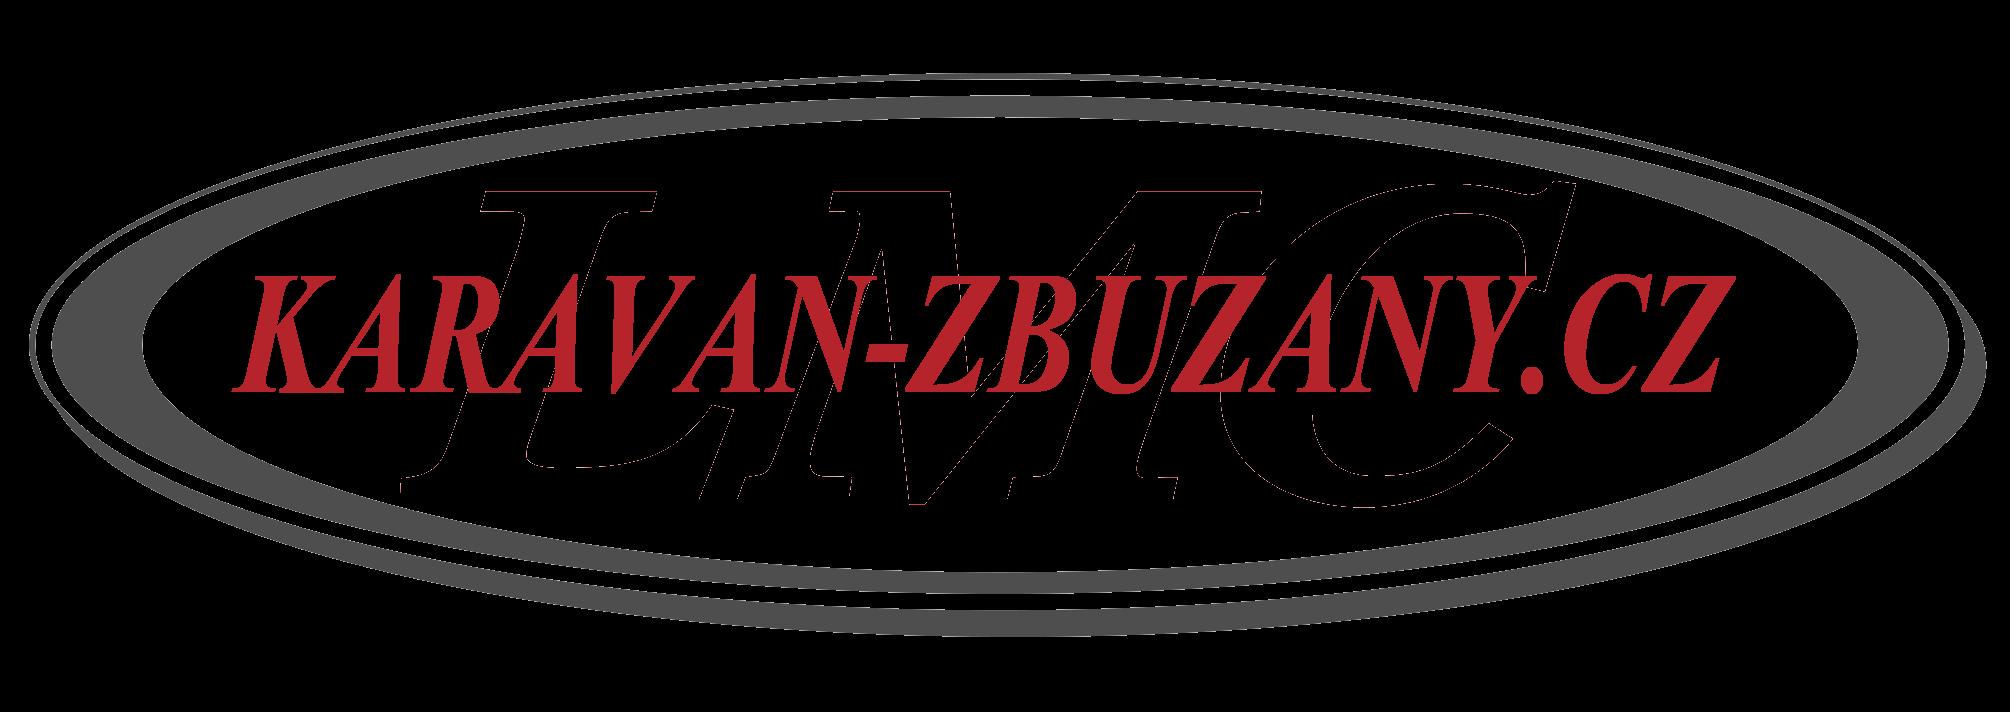 karavan-zbuzany.cz